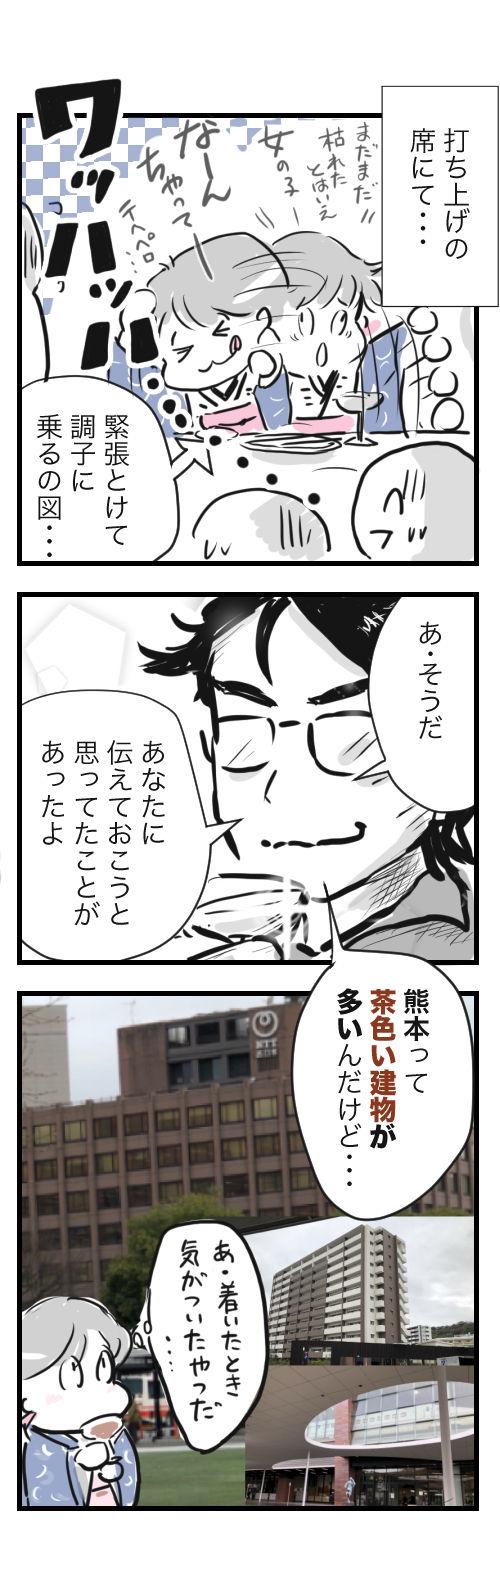 熊本レポ6−2−1